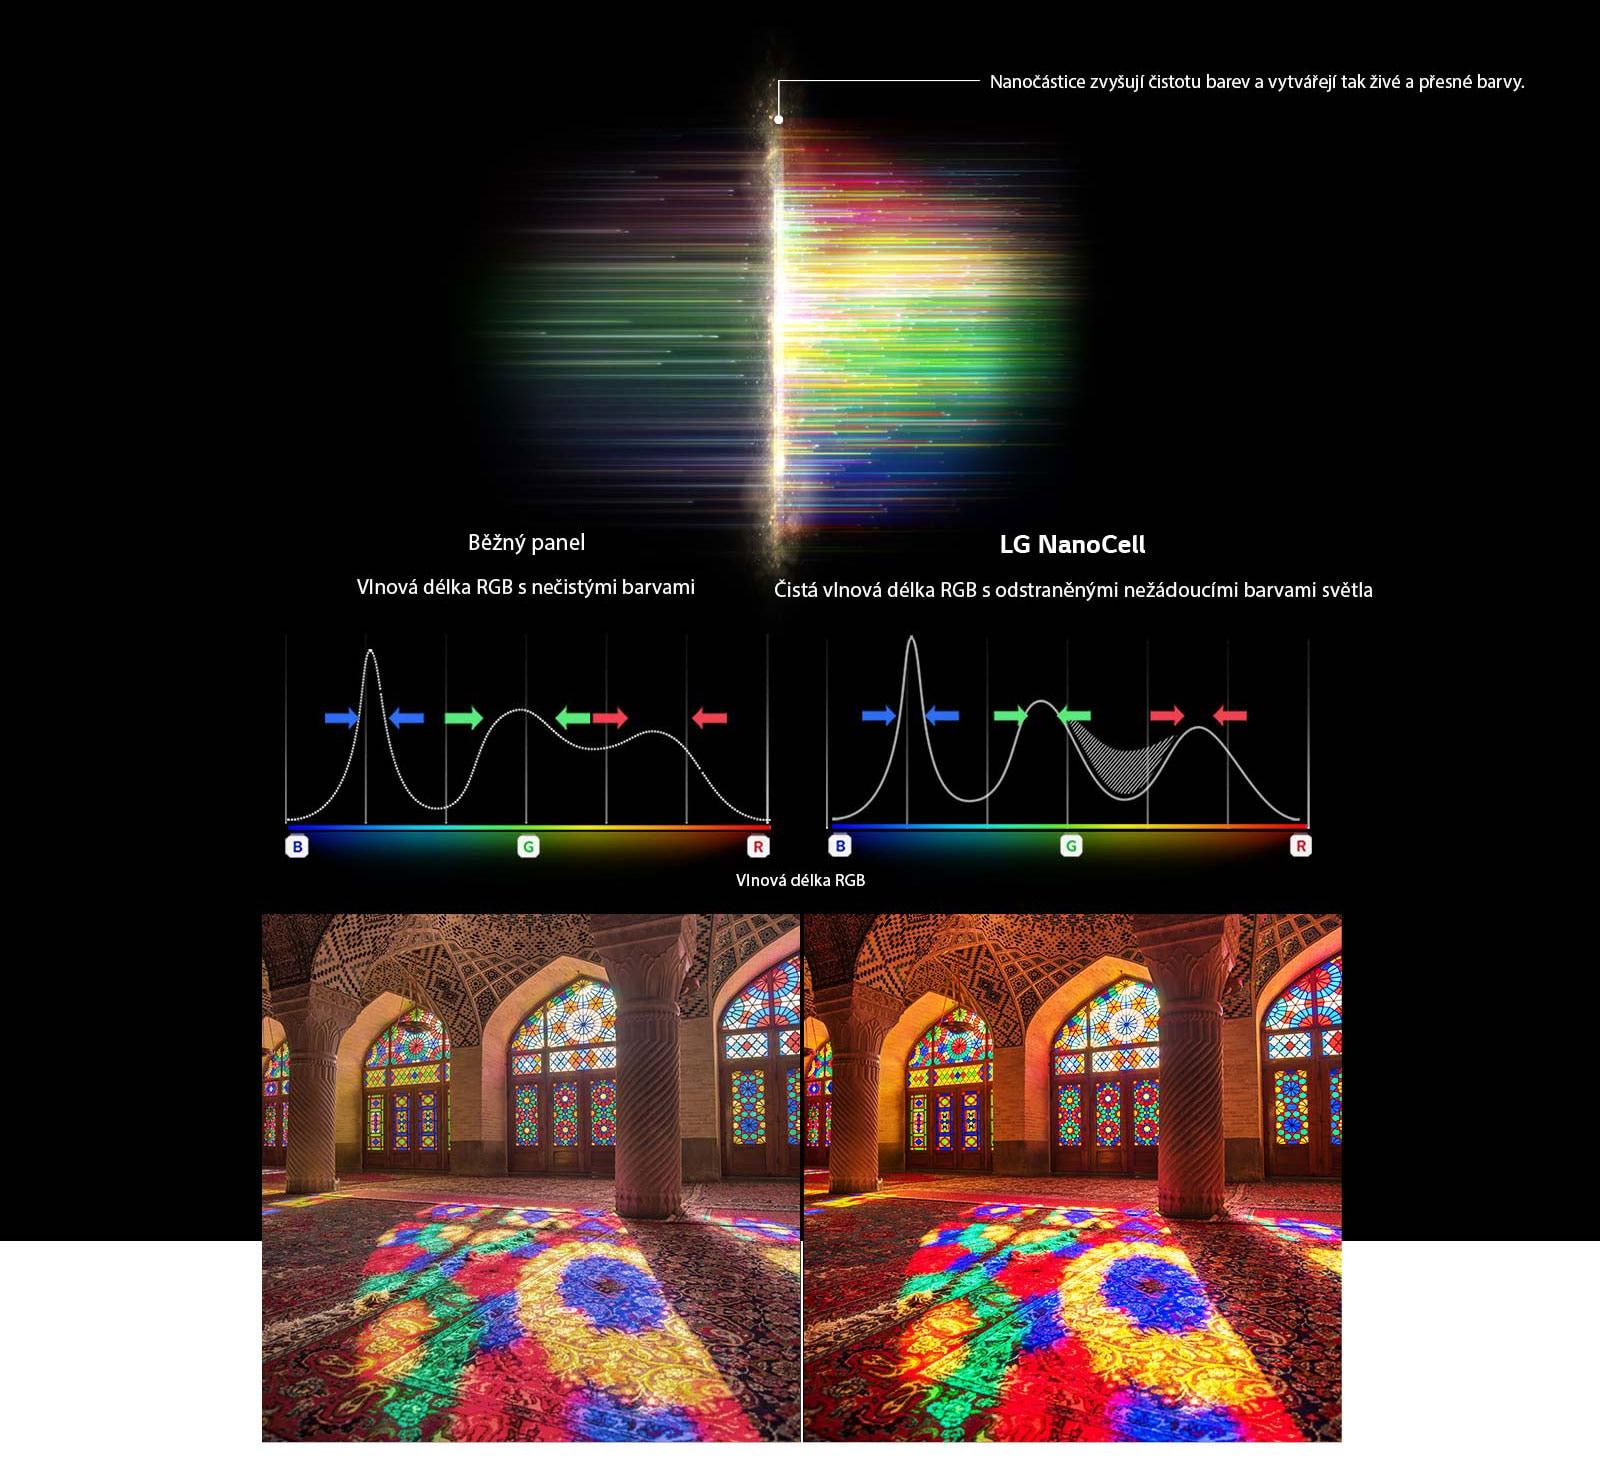 """Graf spektra RGB, který znázorňuje filtrování monotónních barev aobrázků Porovnání čistoty barev mezi běžným displejem atechnologií NanoCell"""""""